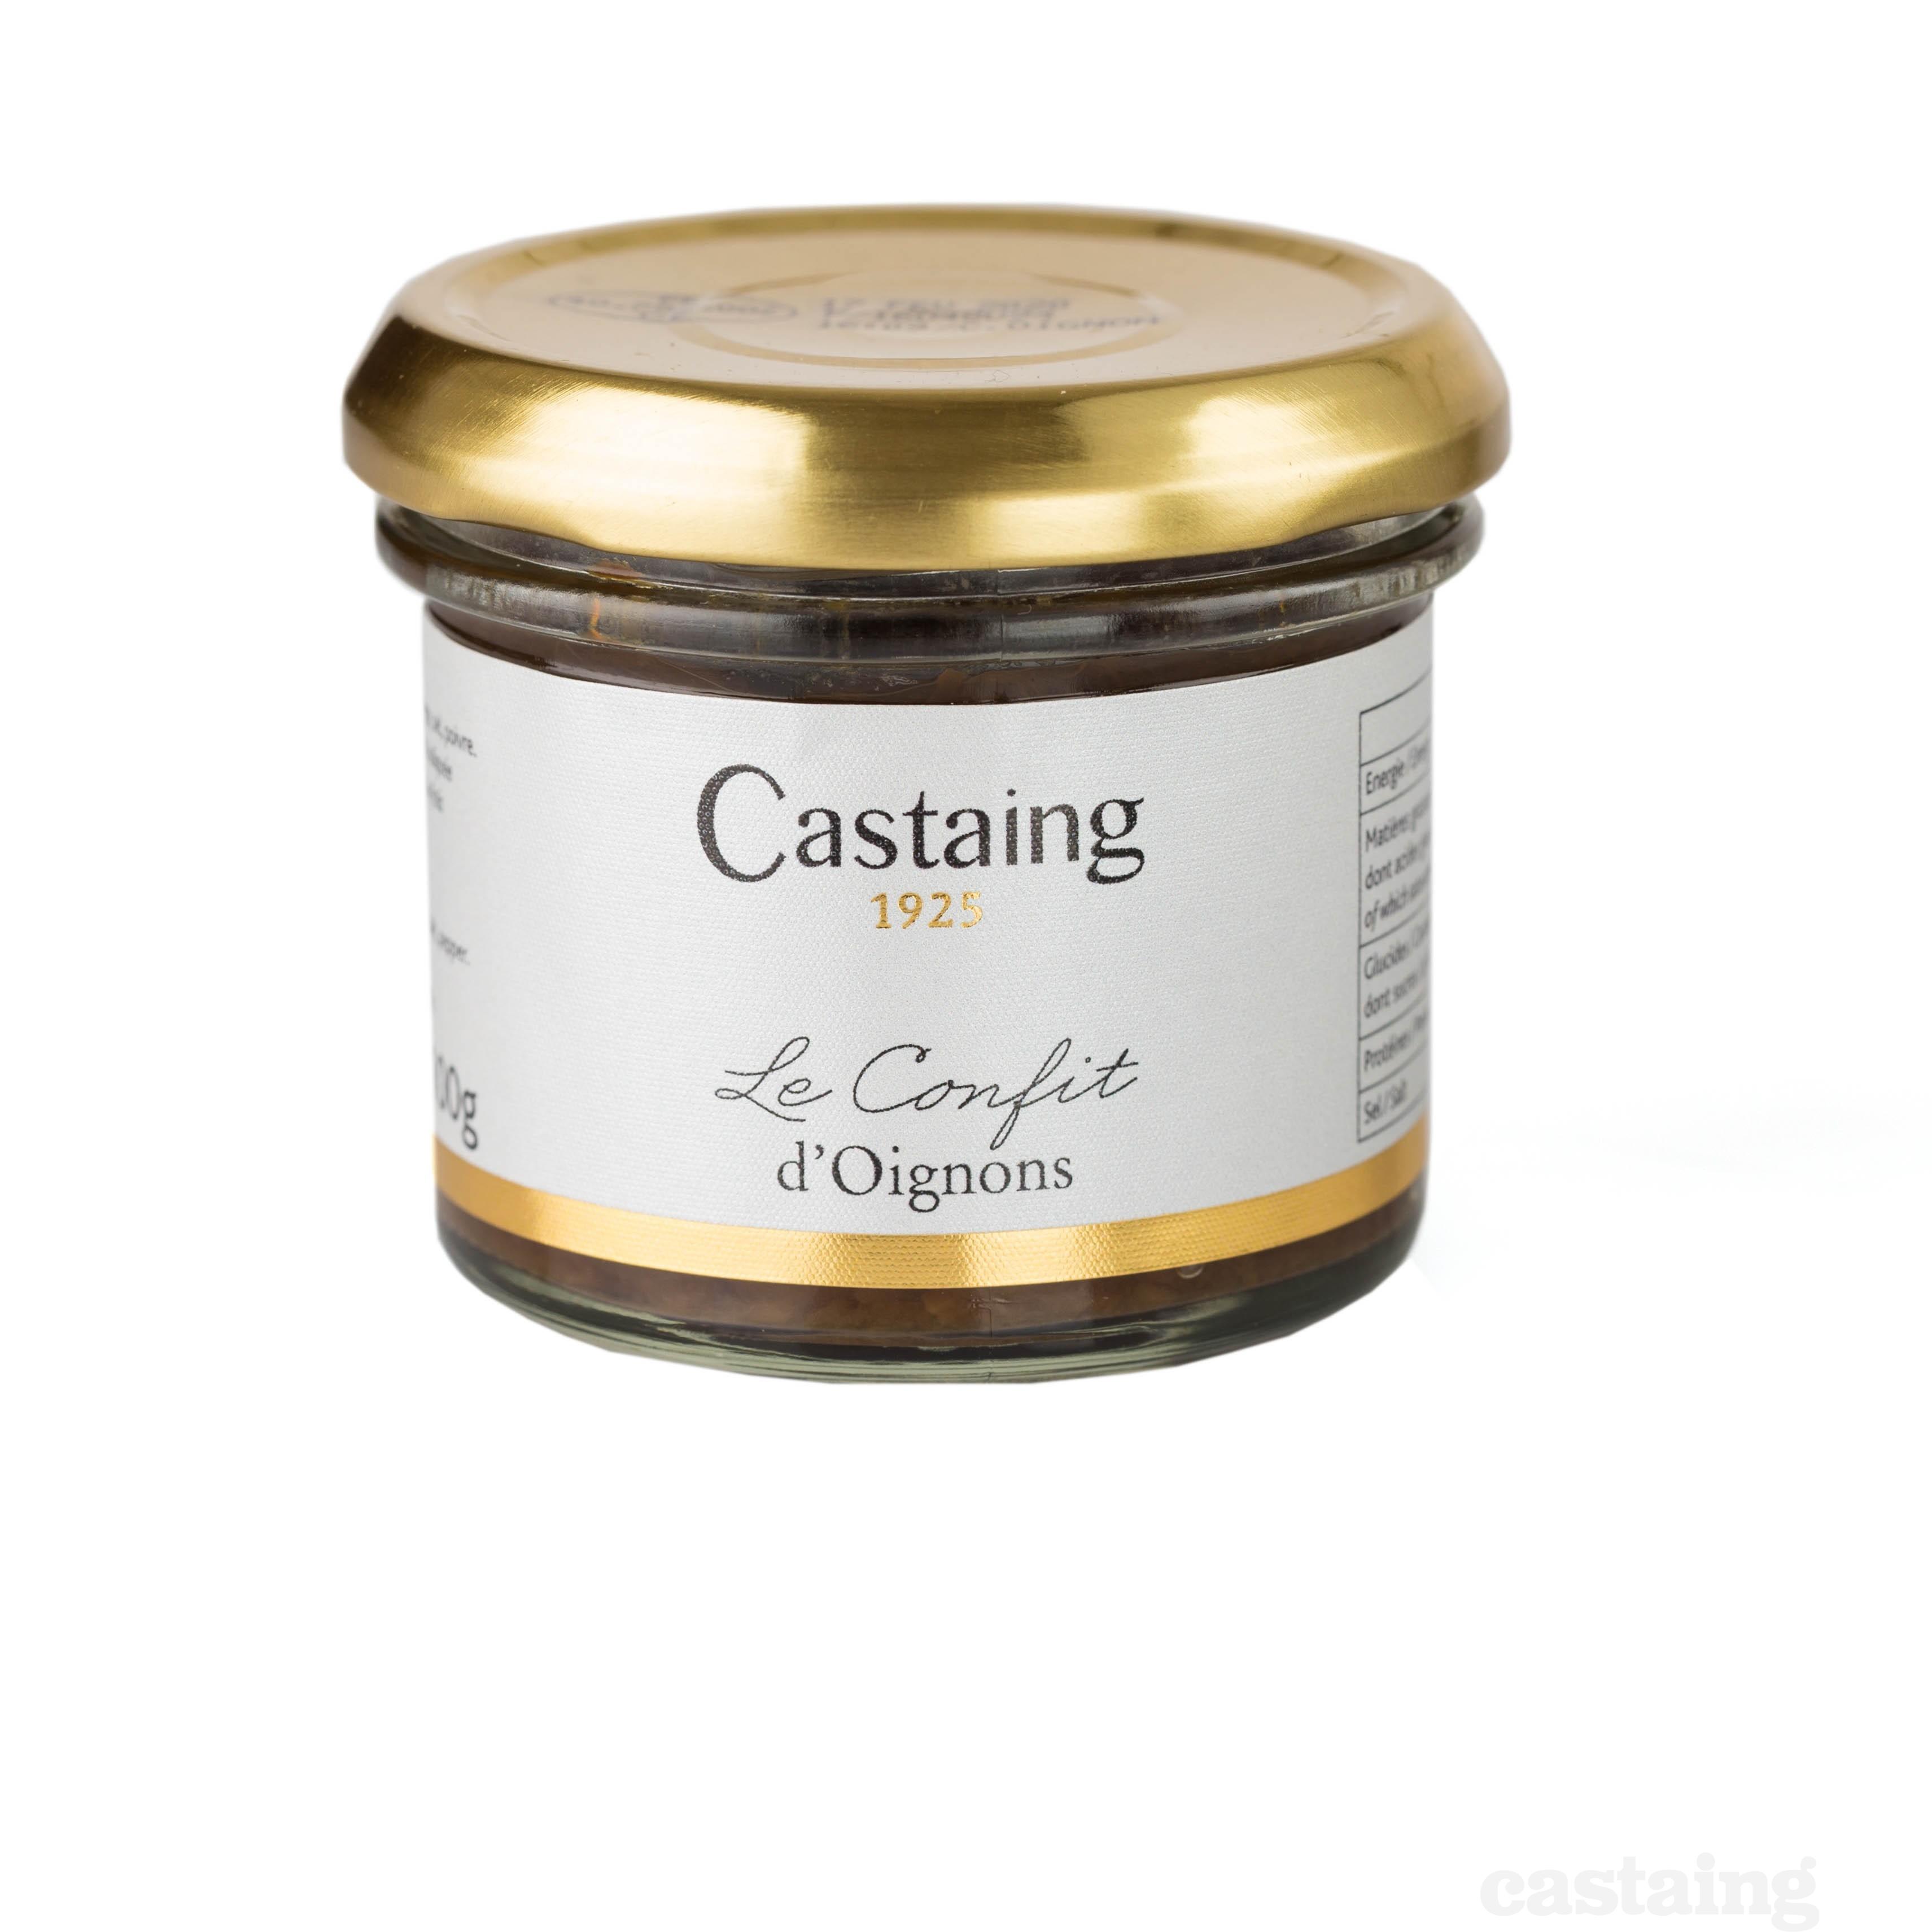 Castaing: Confit d'Oignons 100g